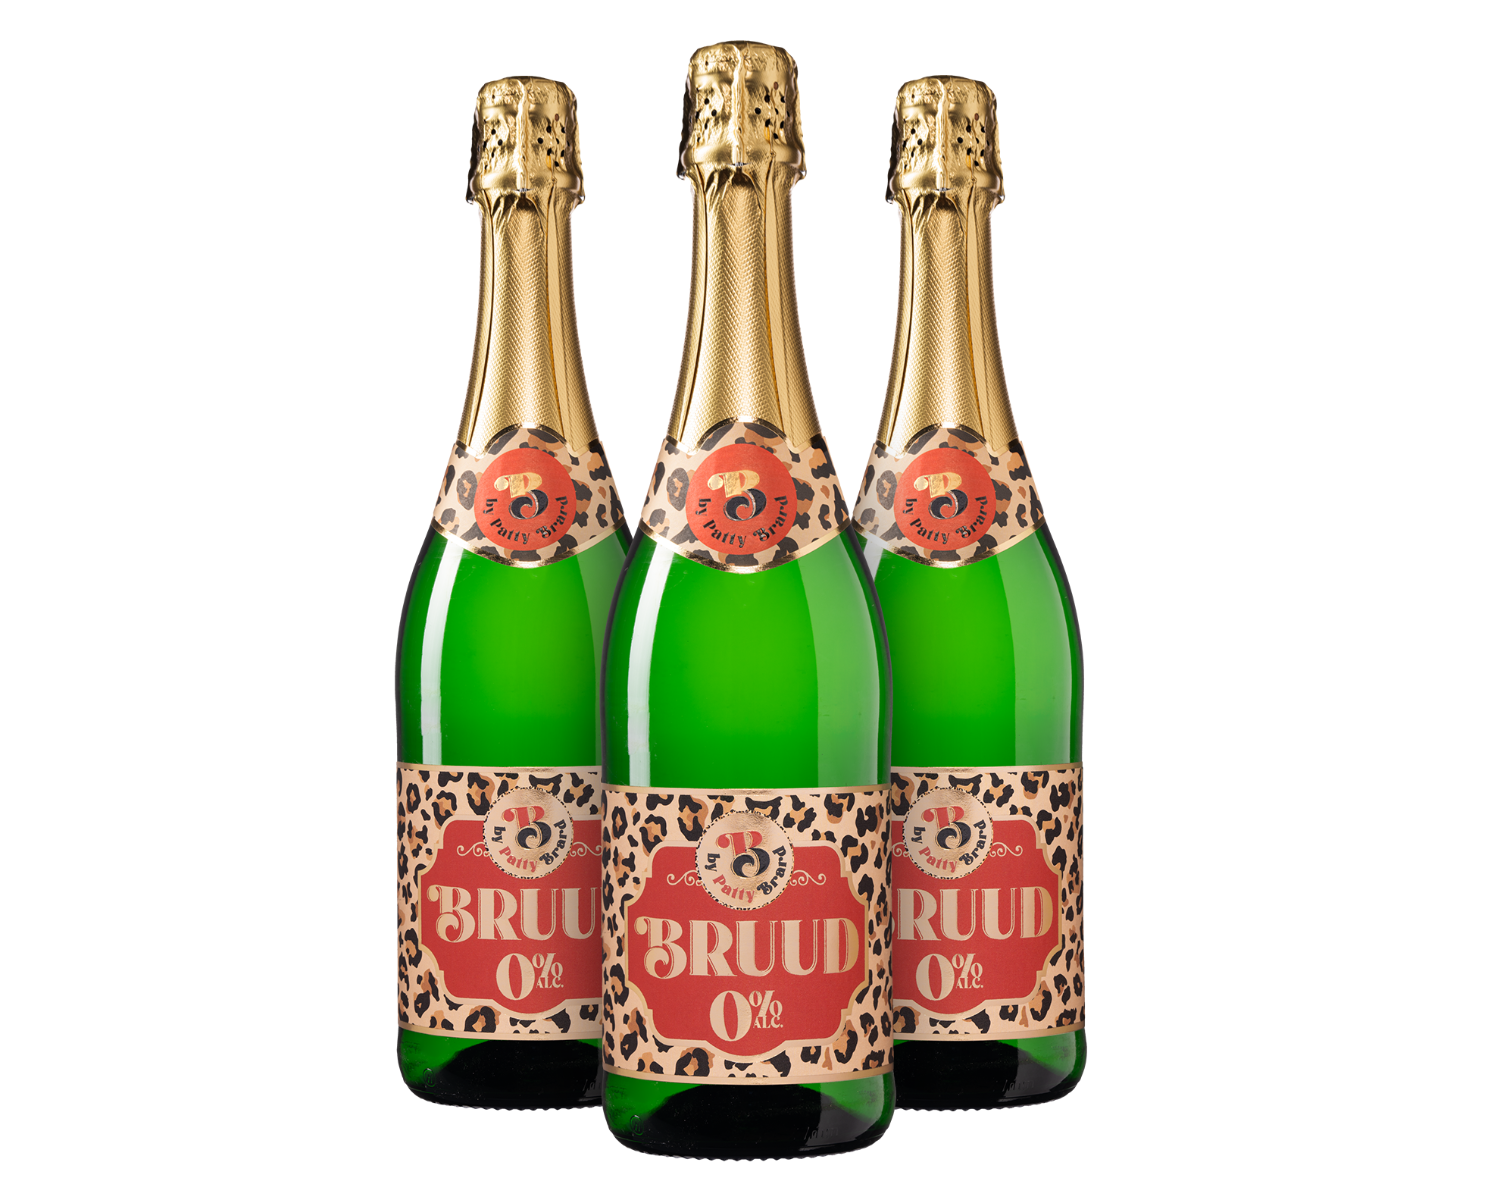 Wijnpakket Bruud 0% by Patty Brard (3 flessen)